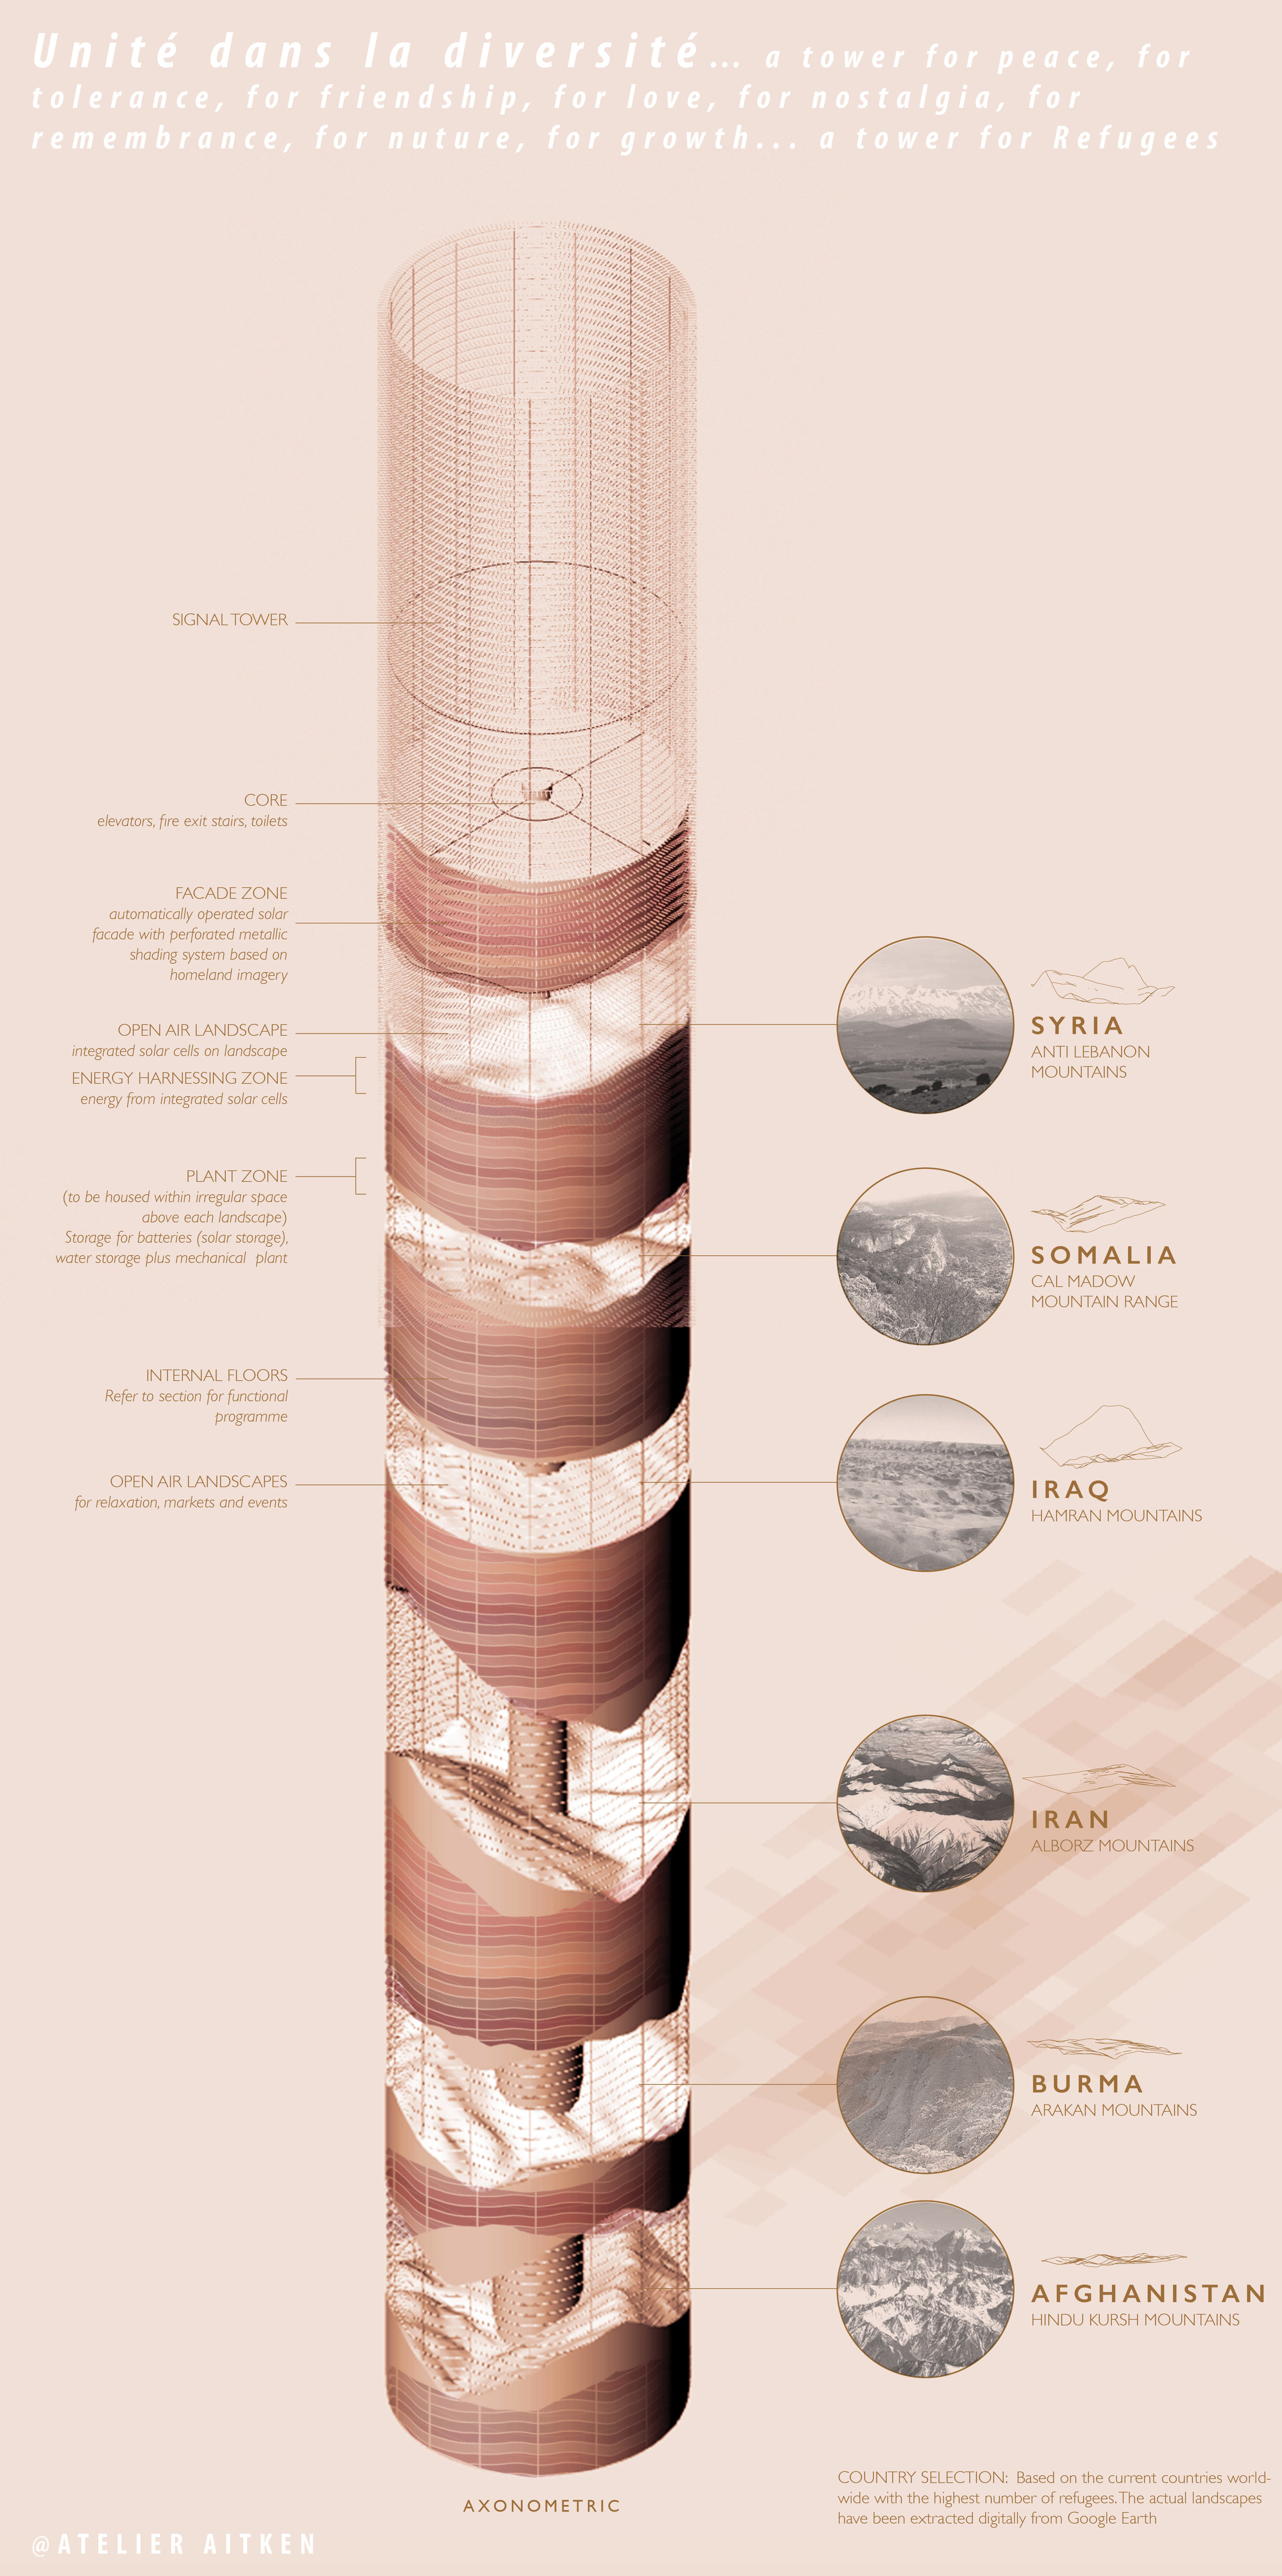 atelier aitken tower for refugees axo diagram